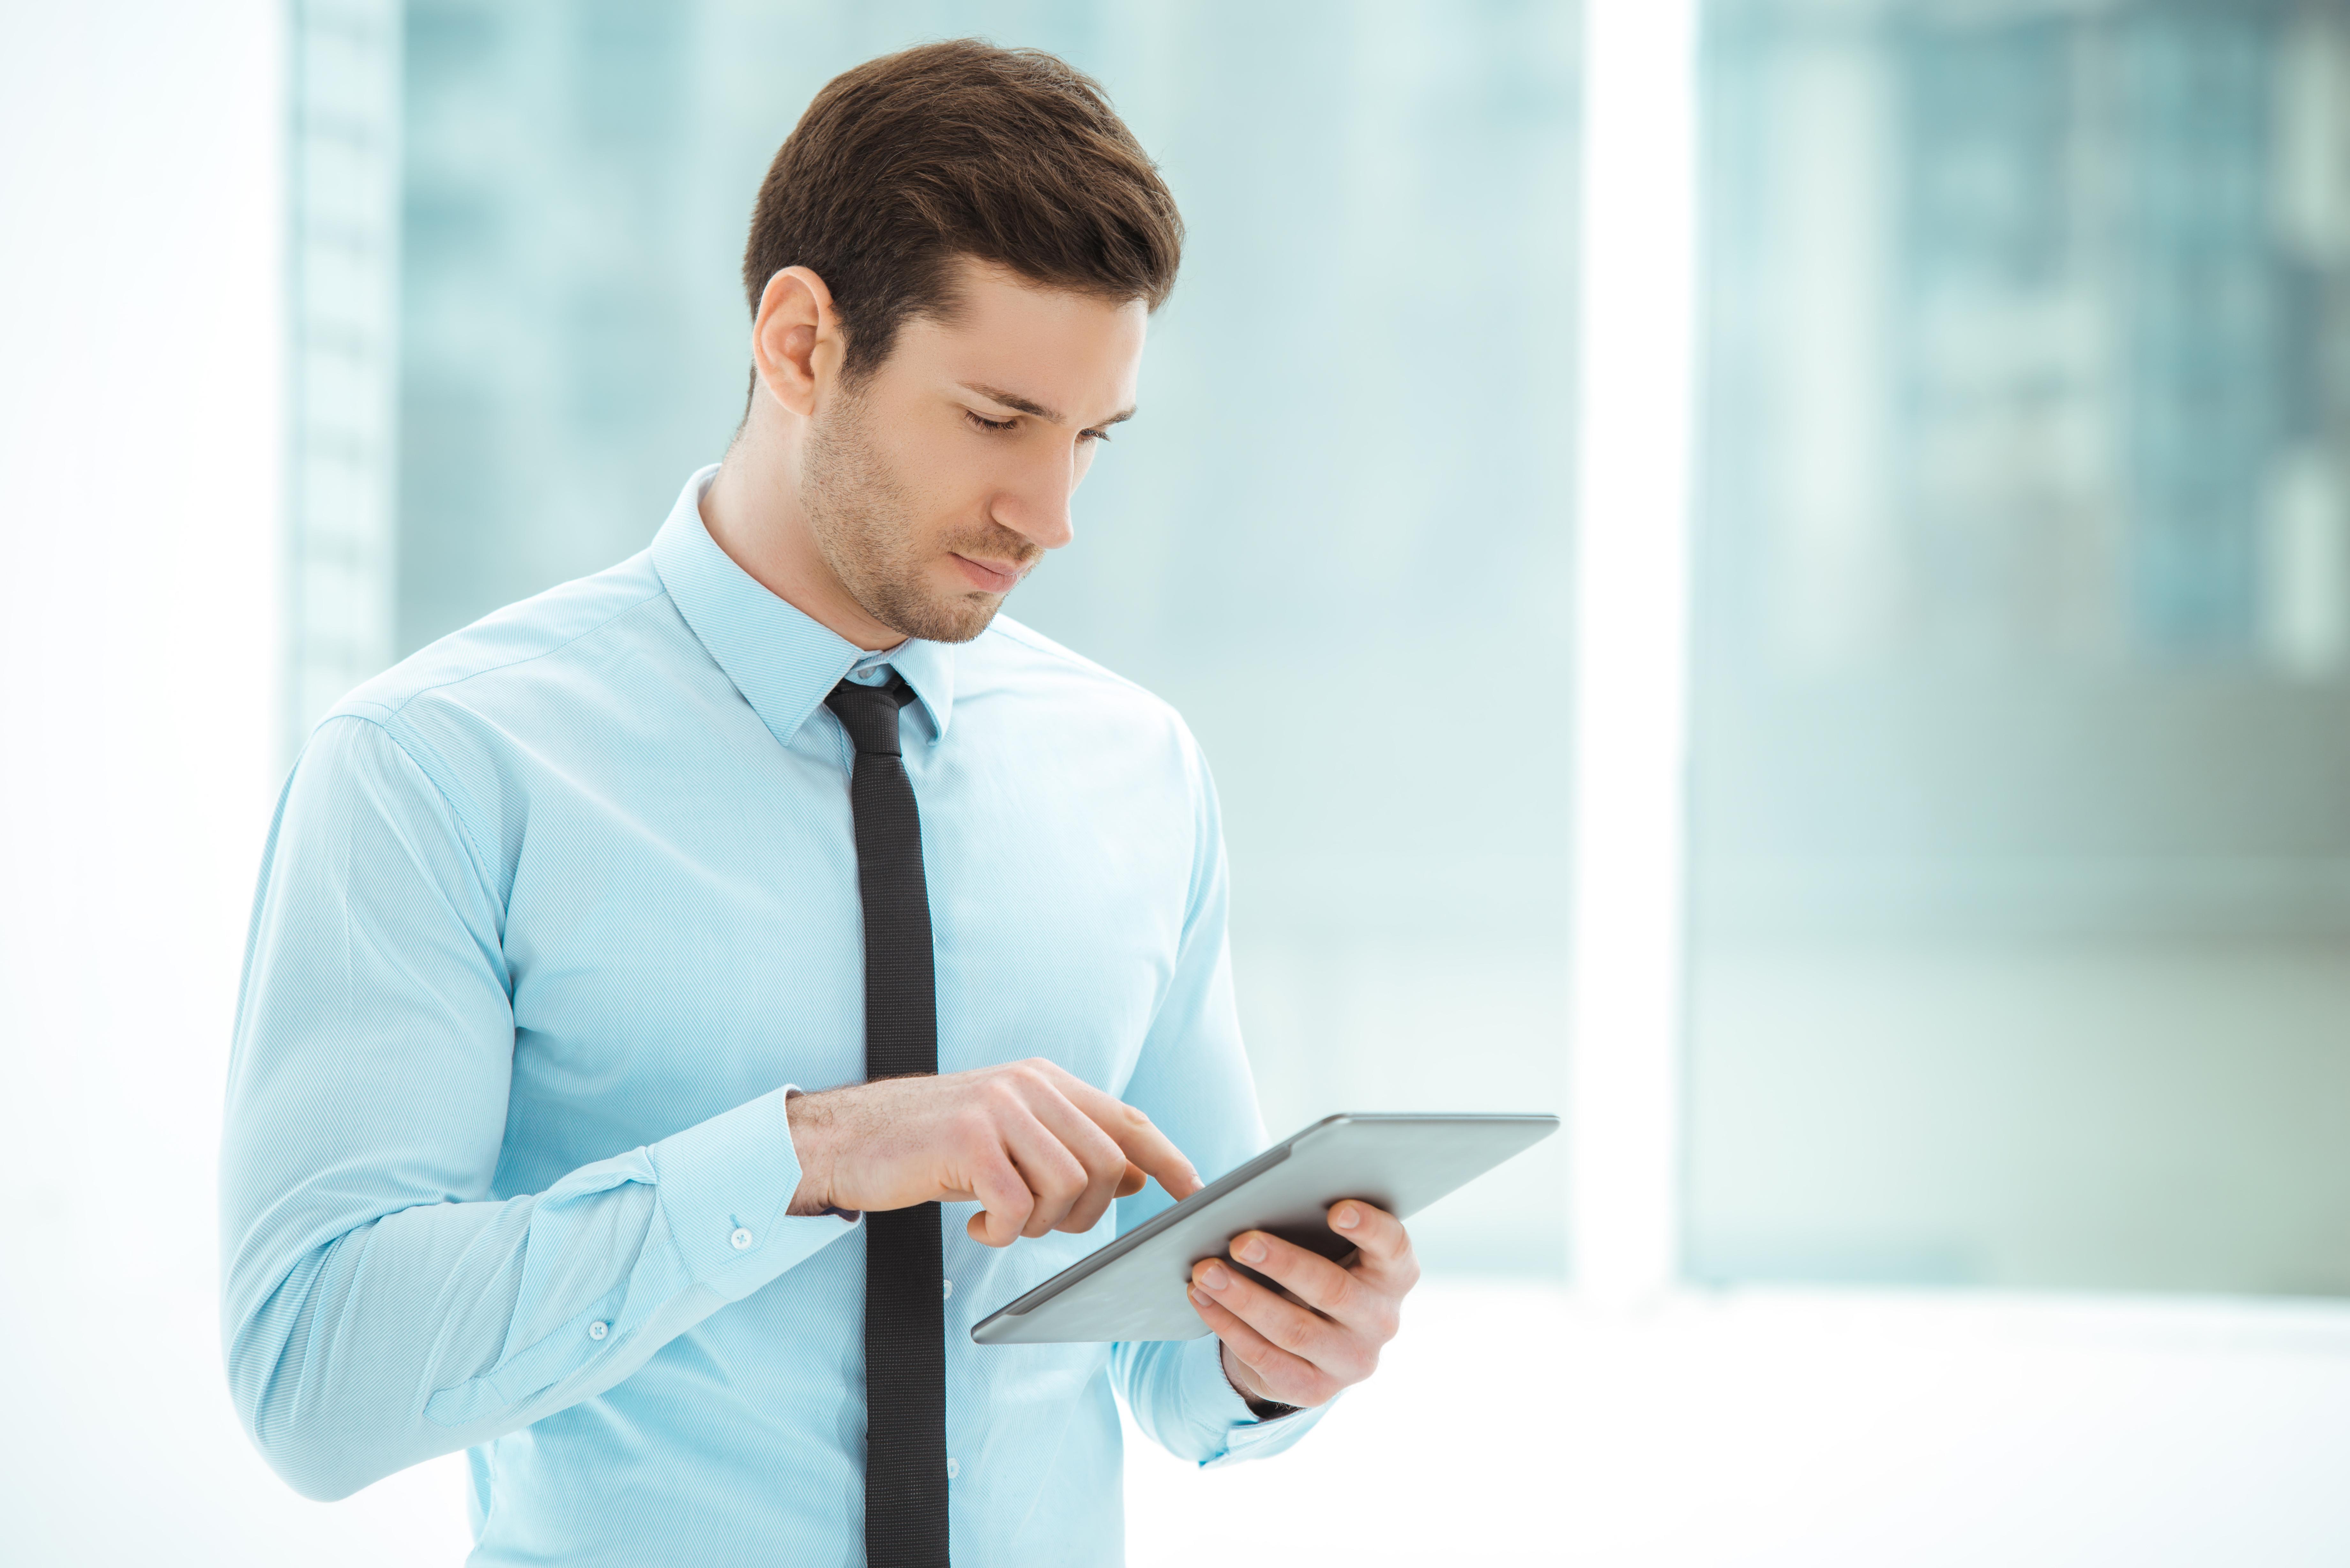 שירותים פיננסיים לעסק חדש – מה חשוב לדעת?